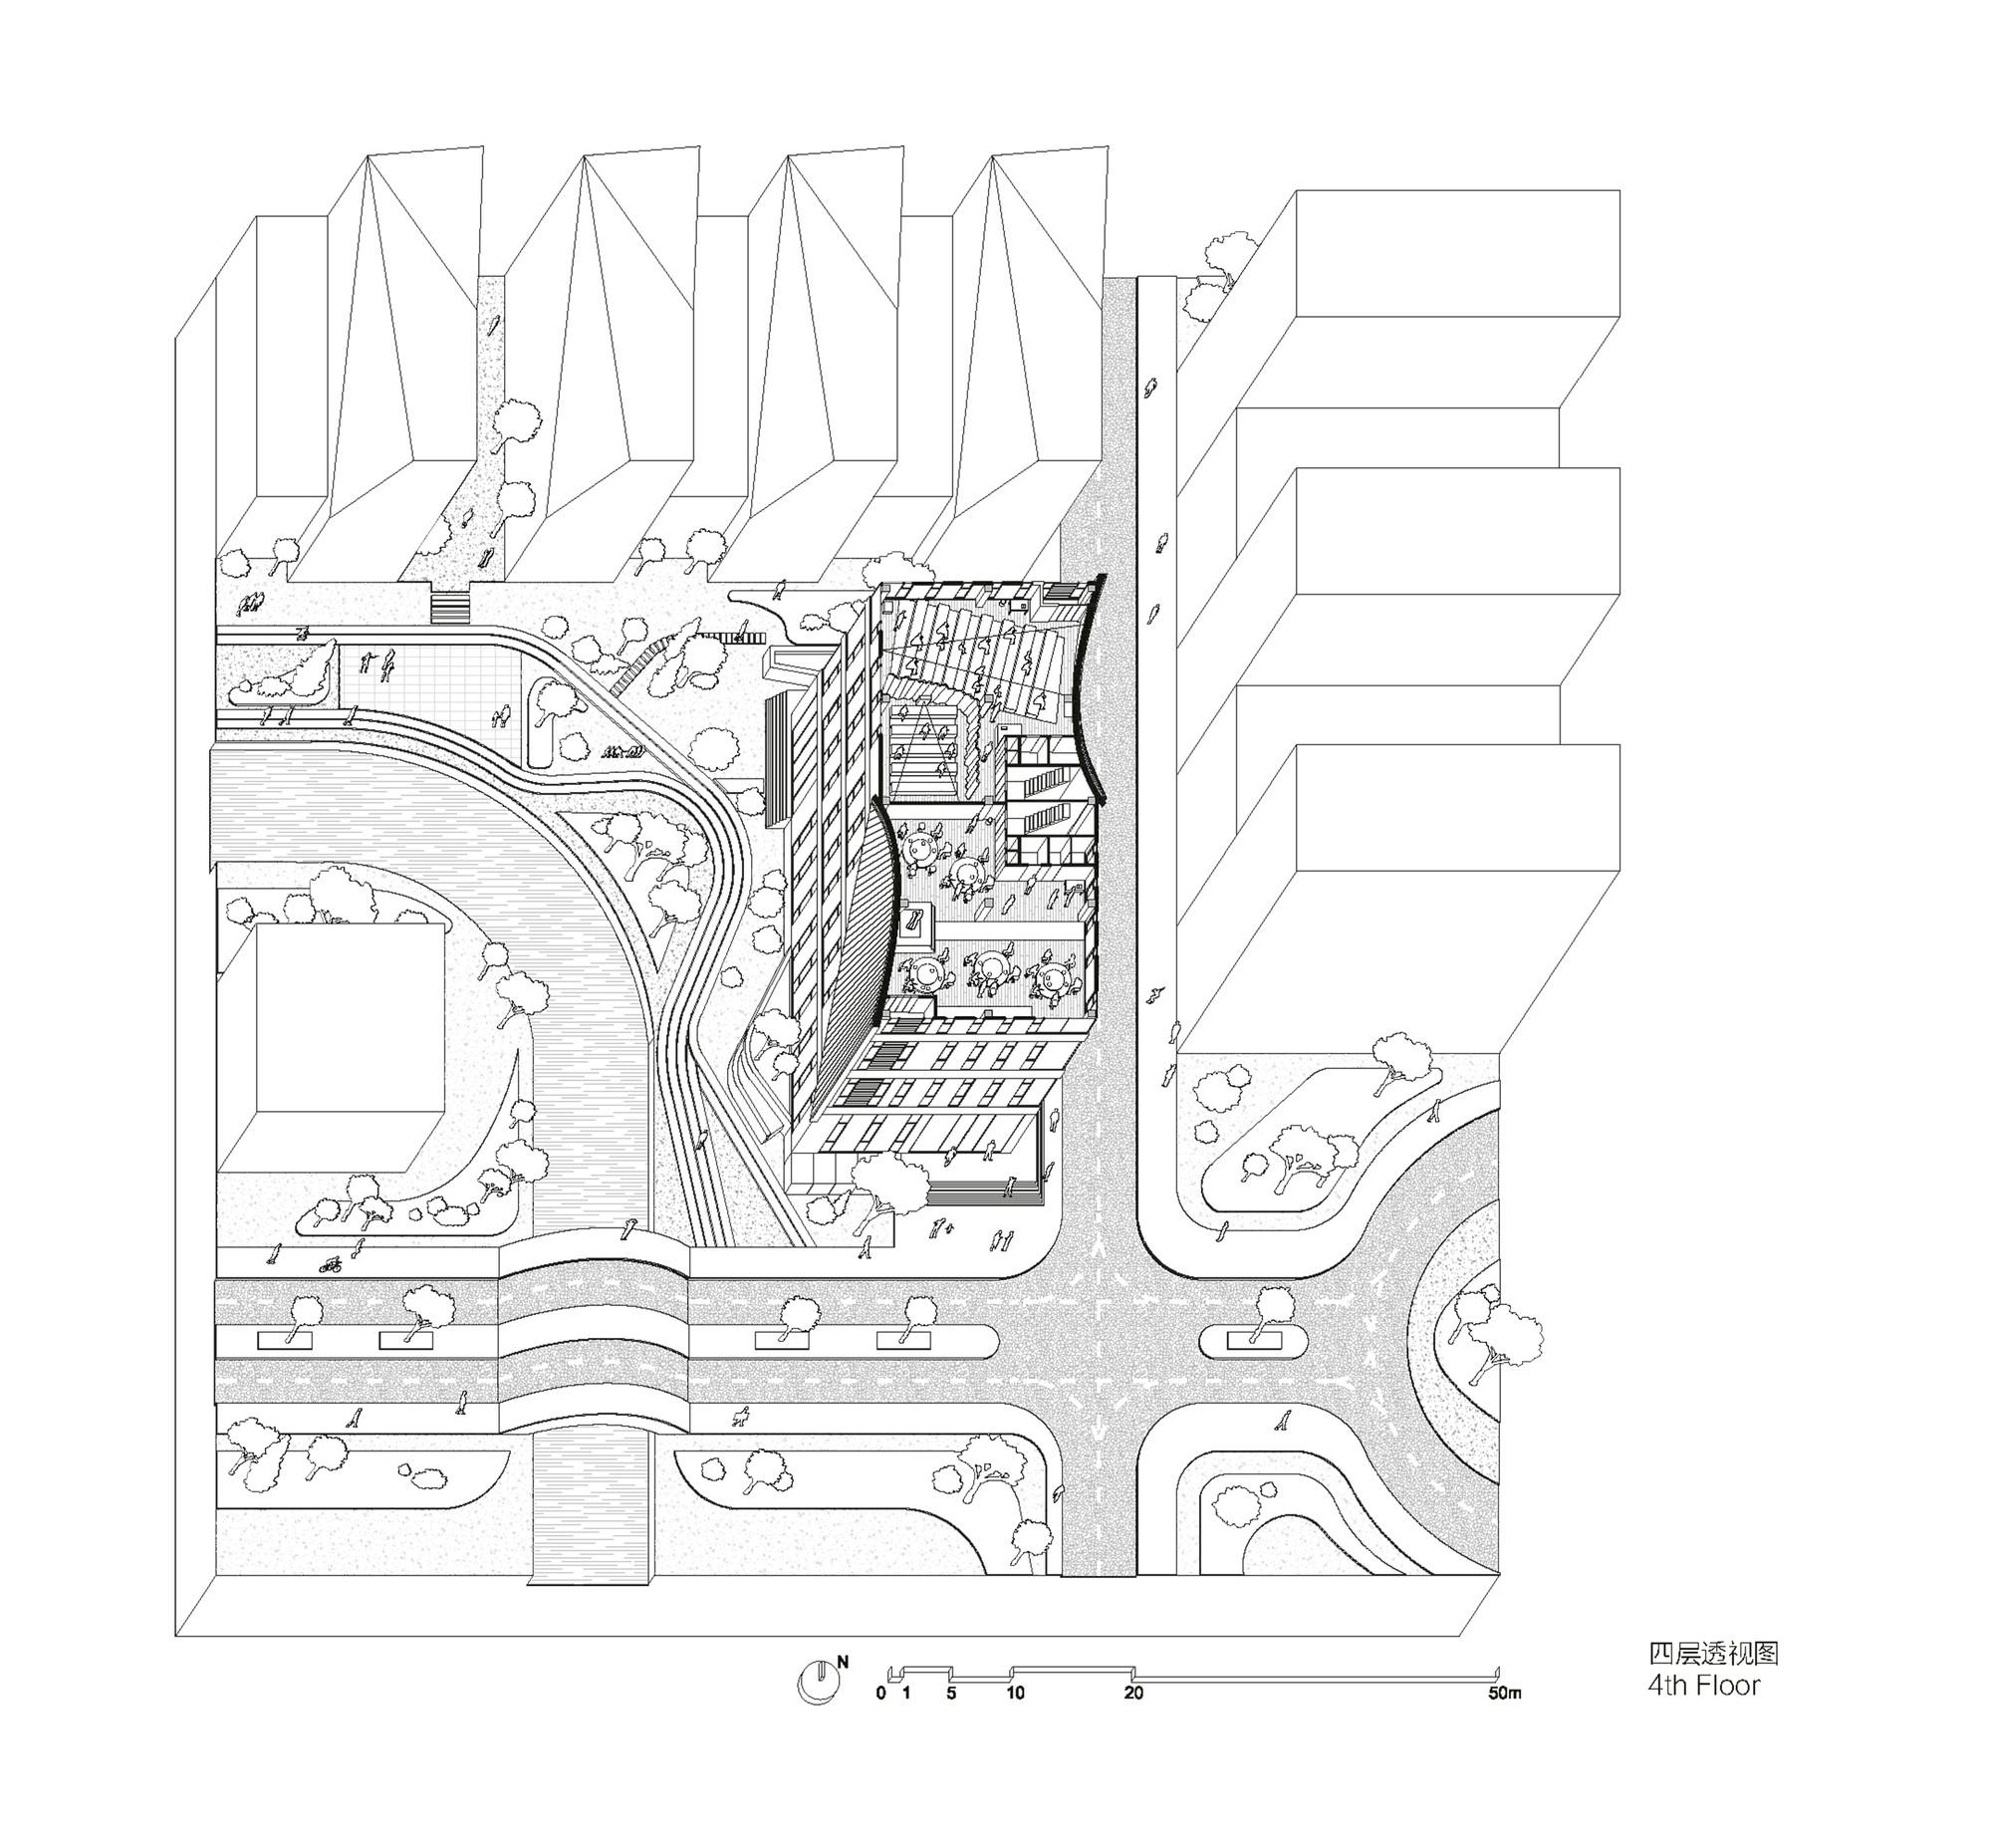 medium resolution of fourth floor plan